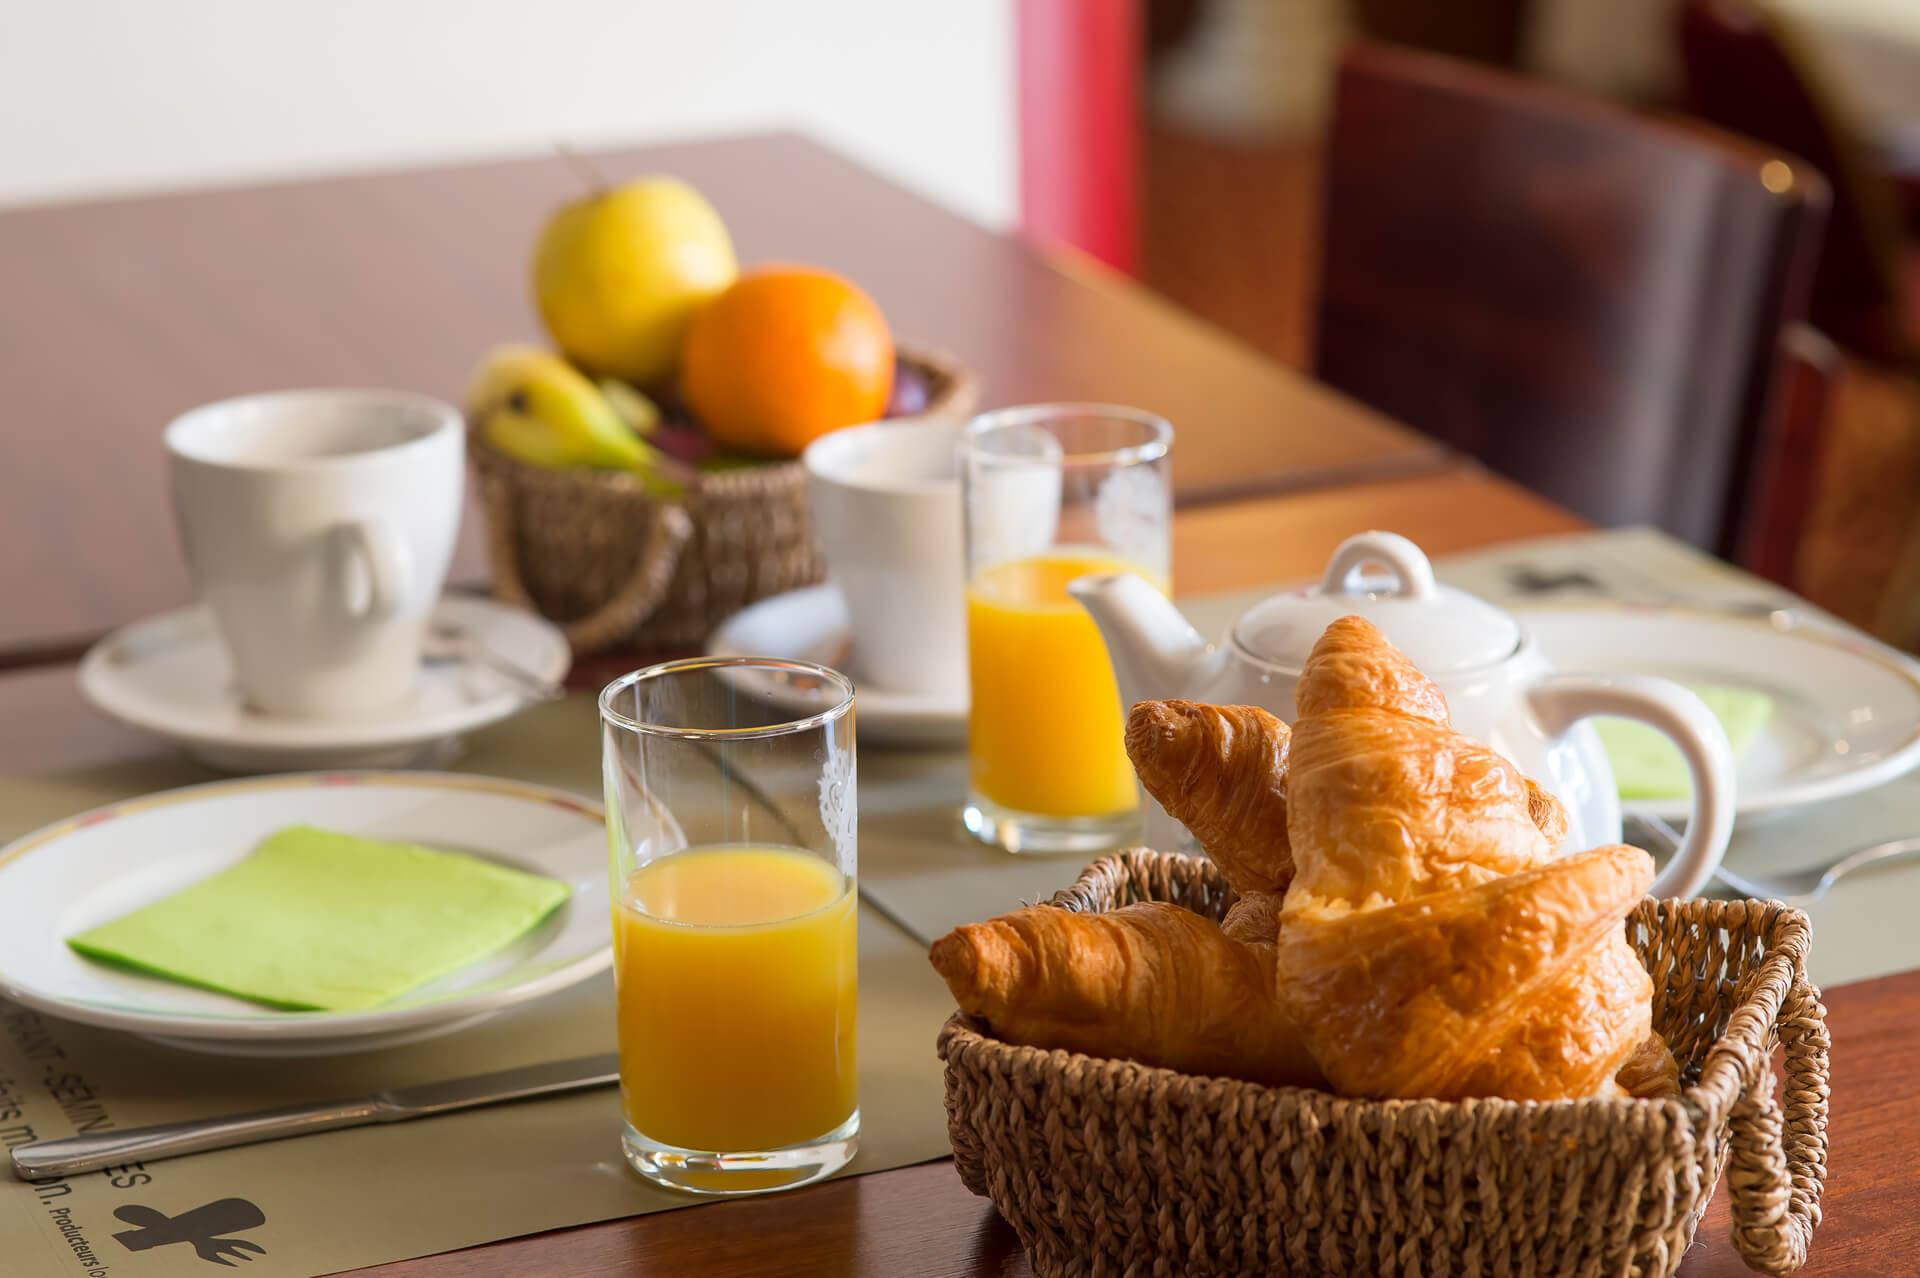 Le petit d jeuner de l 39 h tel d 39 angers tous les matins avec des produits frais - Le petit salon angers ...